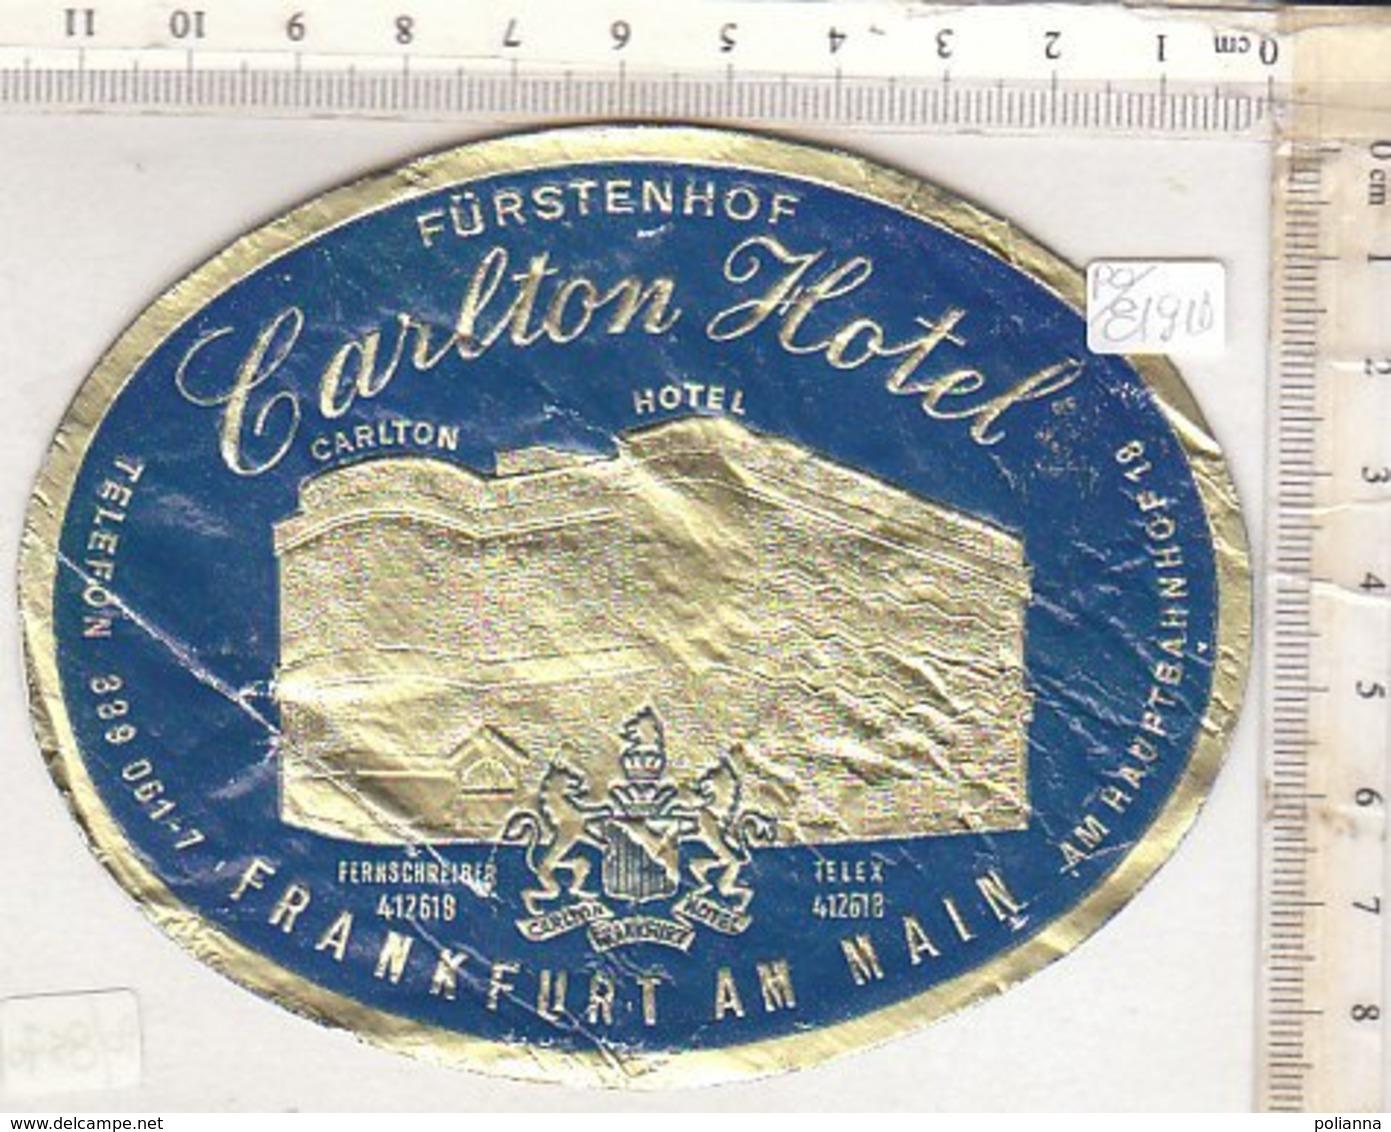 PO8191D# ETICHETTA - ADESIVI ALBERGHI - CARLTON HOTEL - FRANKFURT AM MAIN GERMANY - Adesivi Di Alberghi